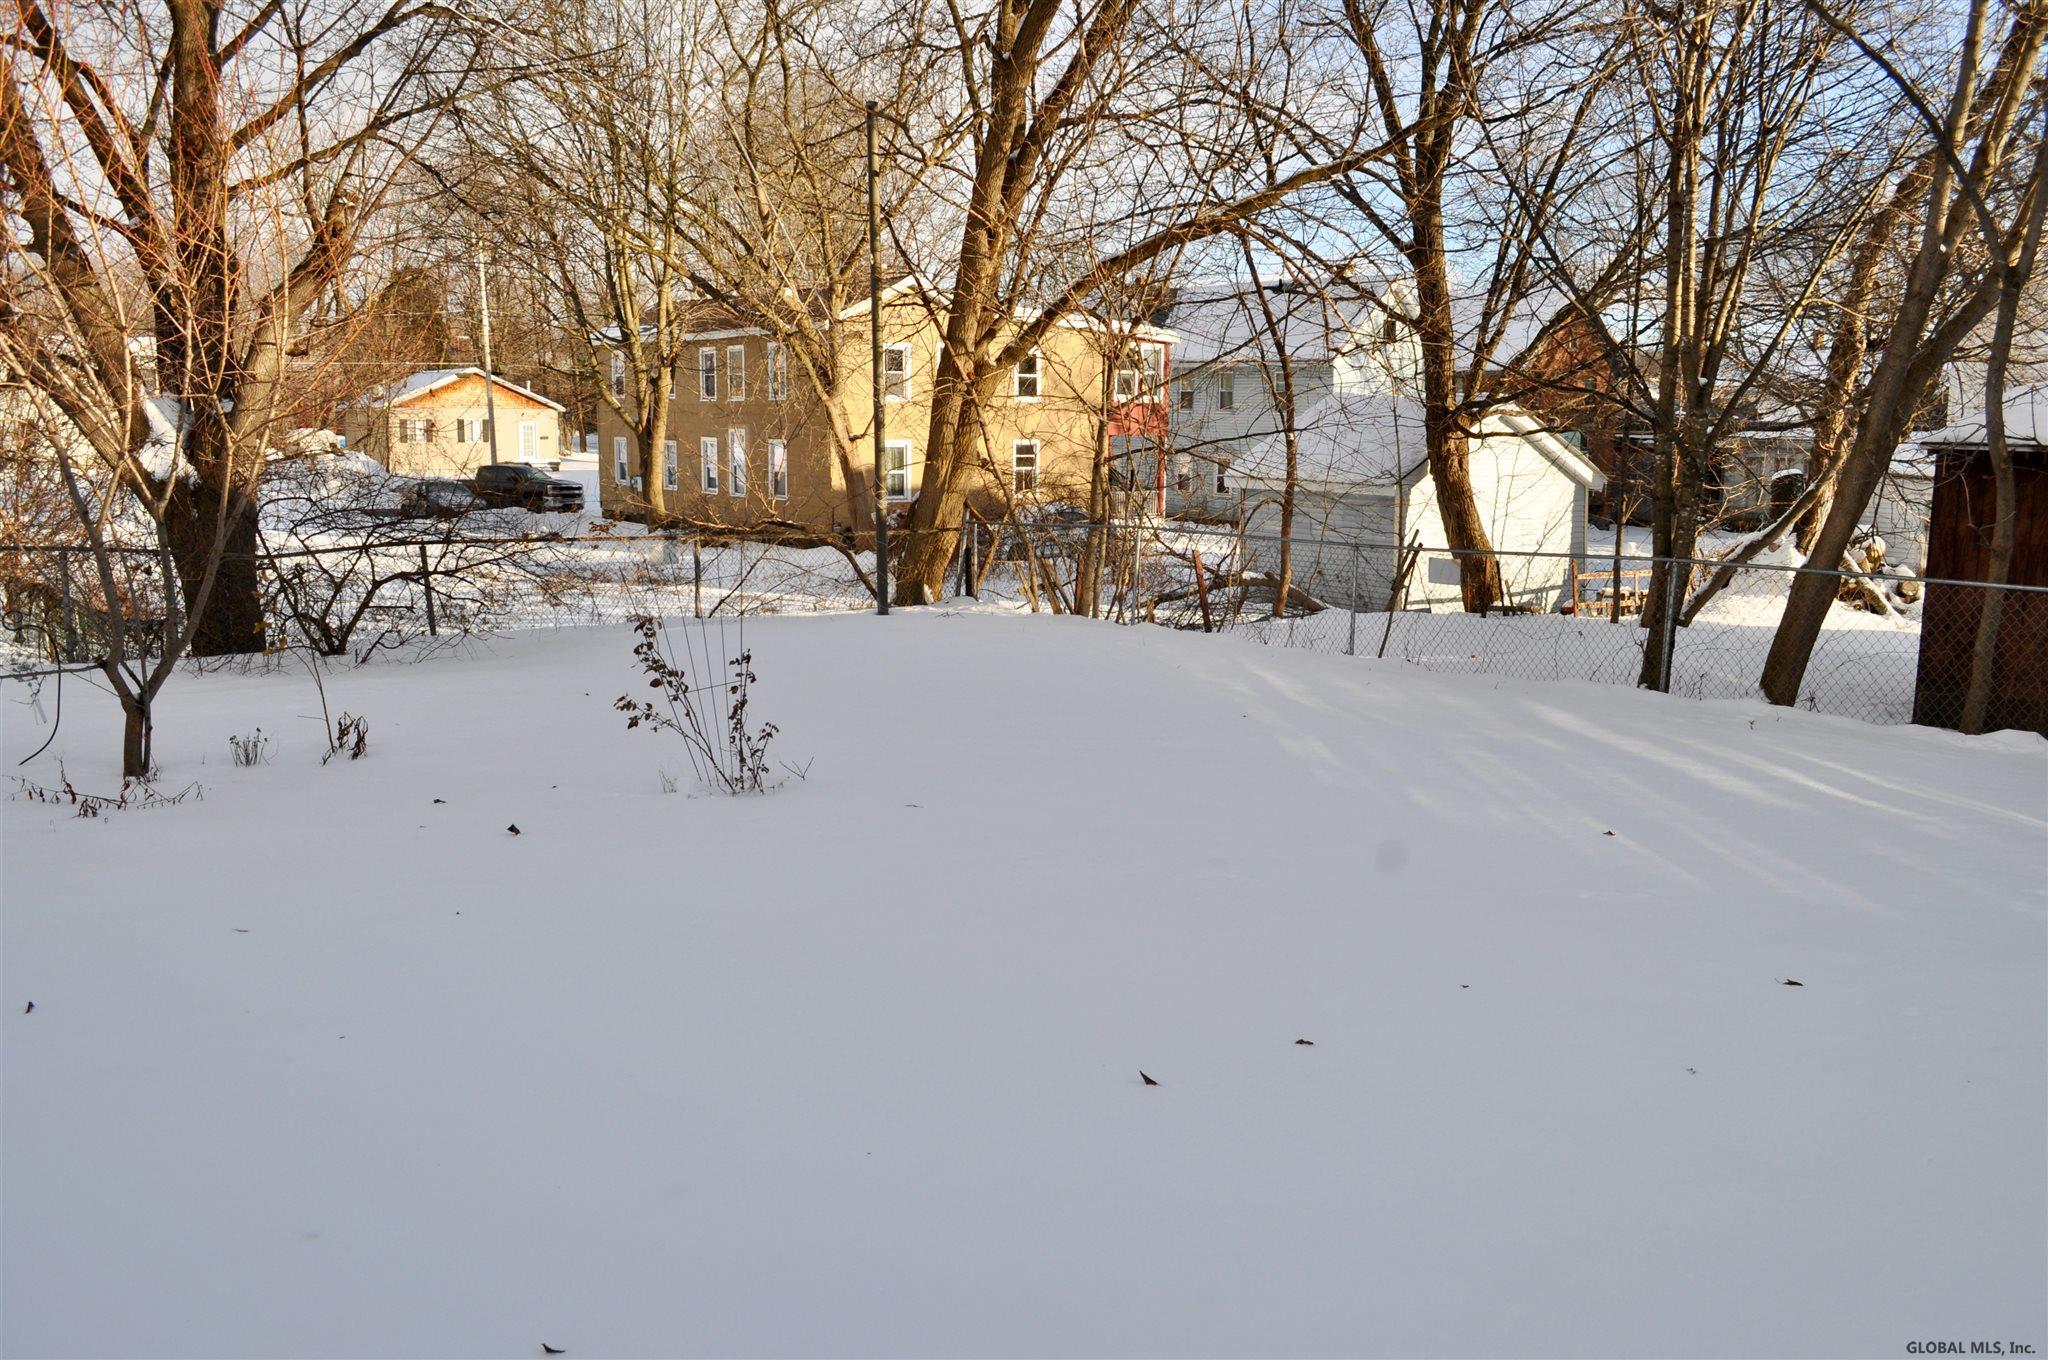 Gloversville image 48